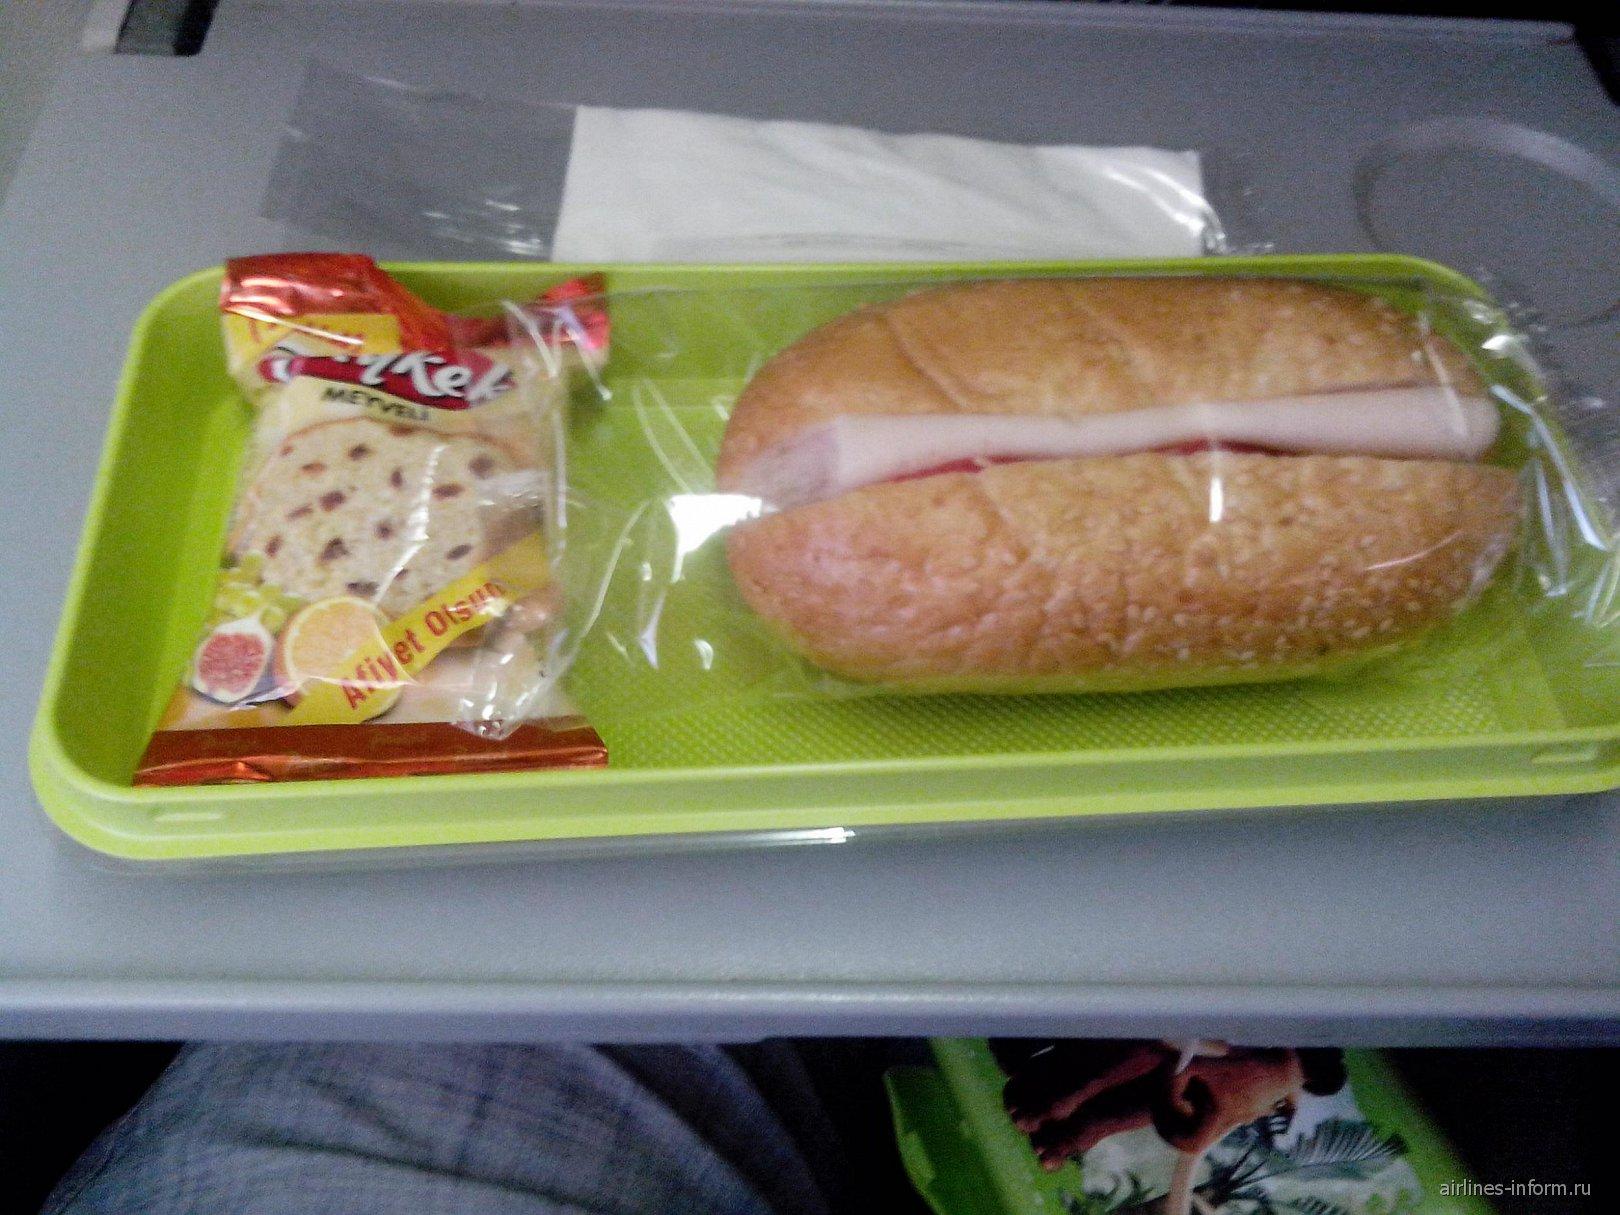 Питание на чартерном рейсе Анталья-Москва авиакомпании UTair